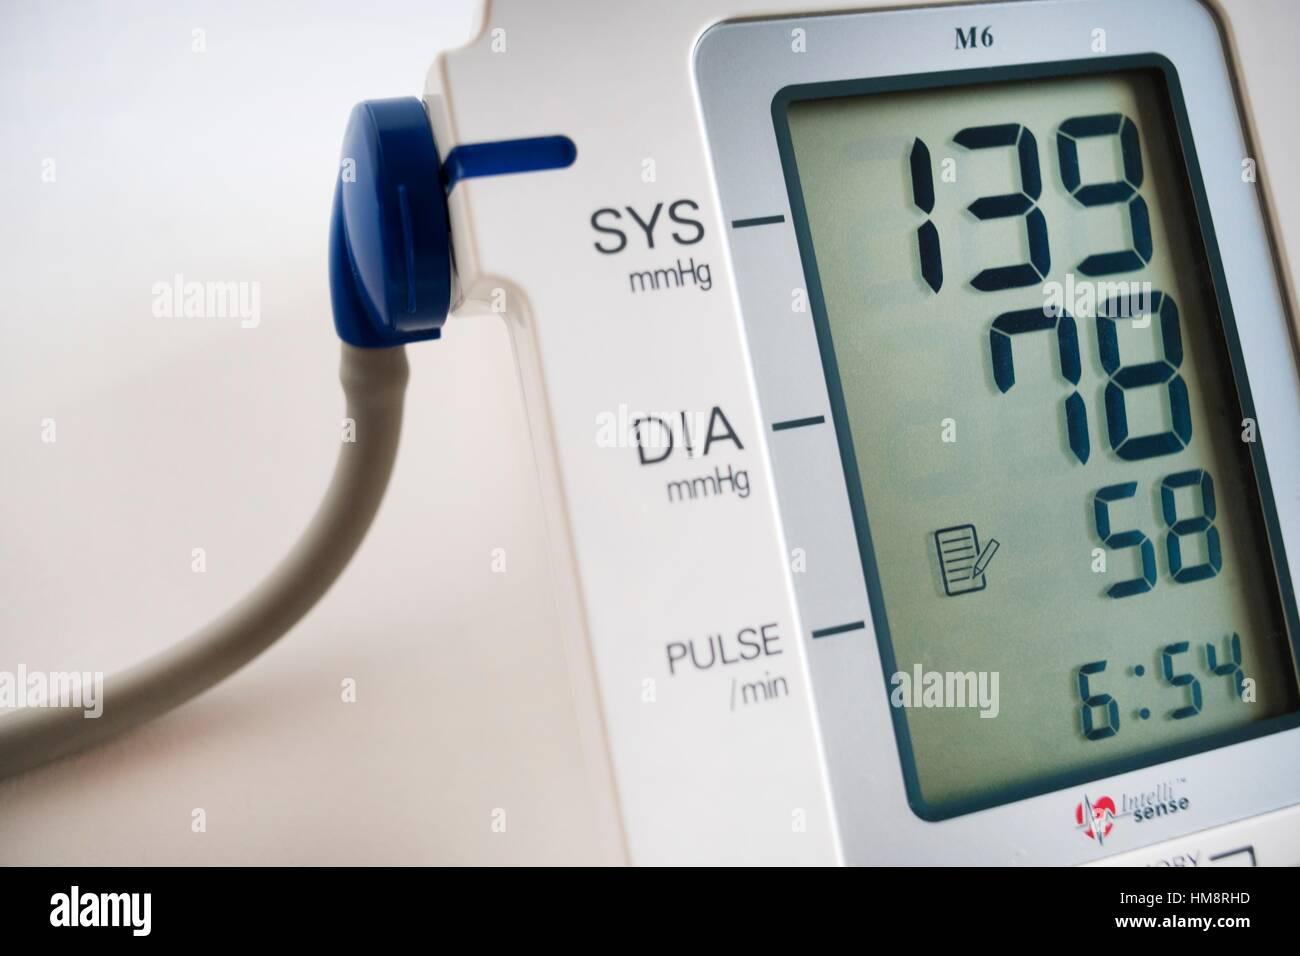 Tension arterial, aparato, medicina, Blood pressure, machine, medicine, health. Stock Photo